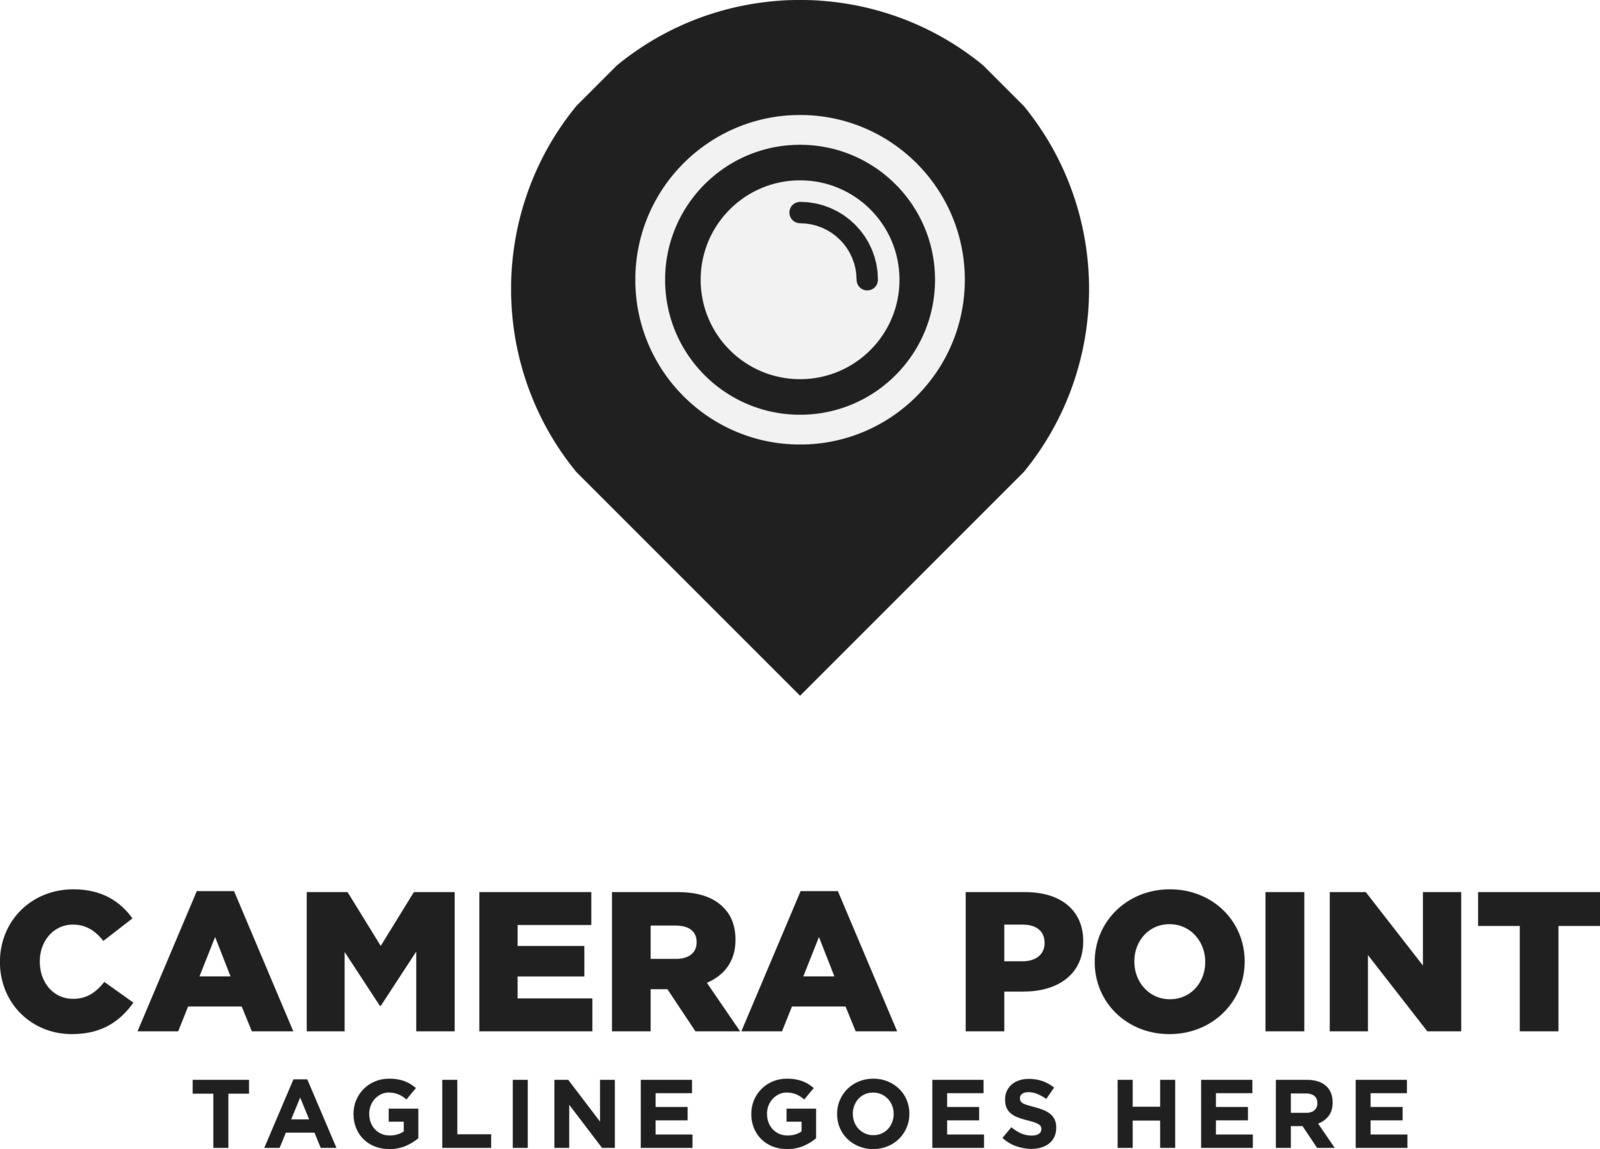 Camera Point Logo Design Inspiration, Vector illustration